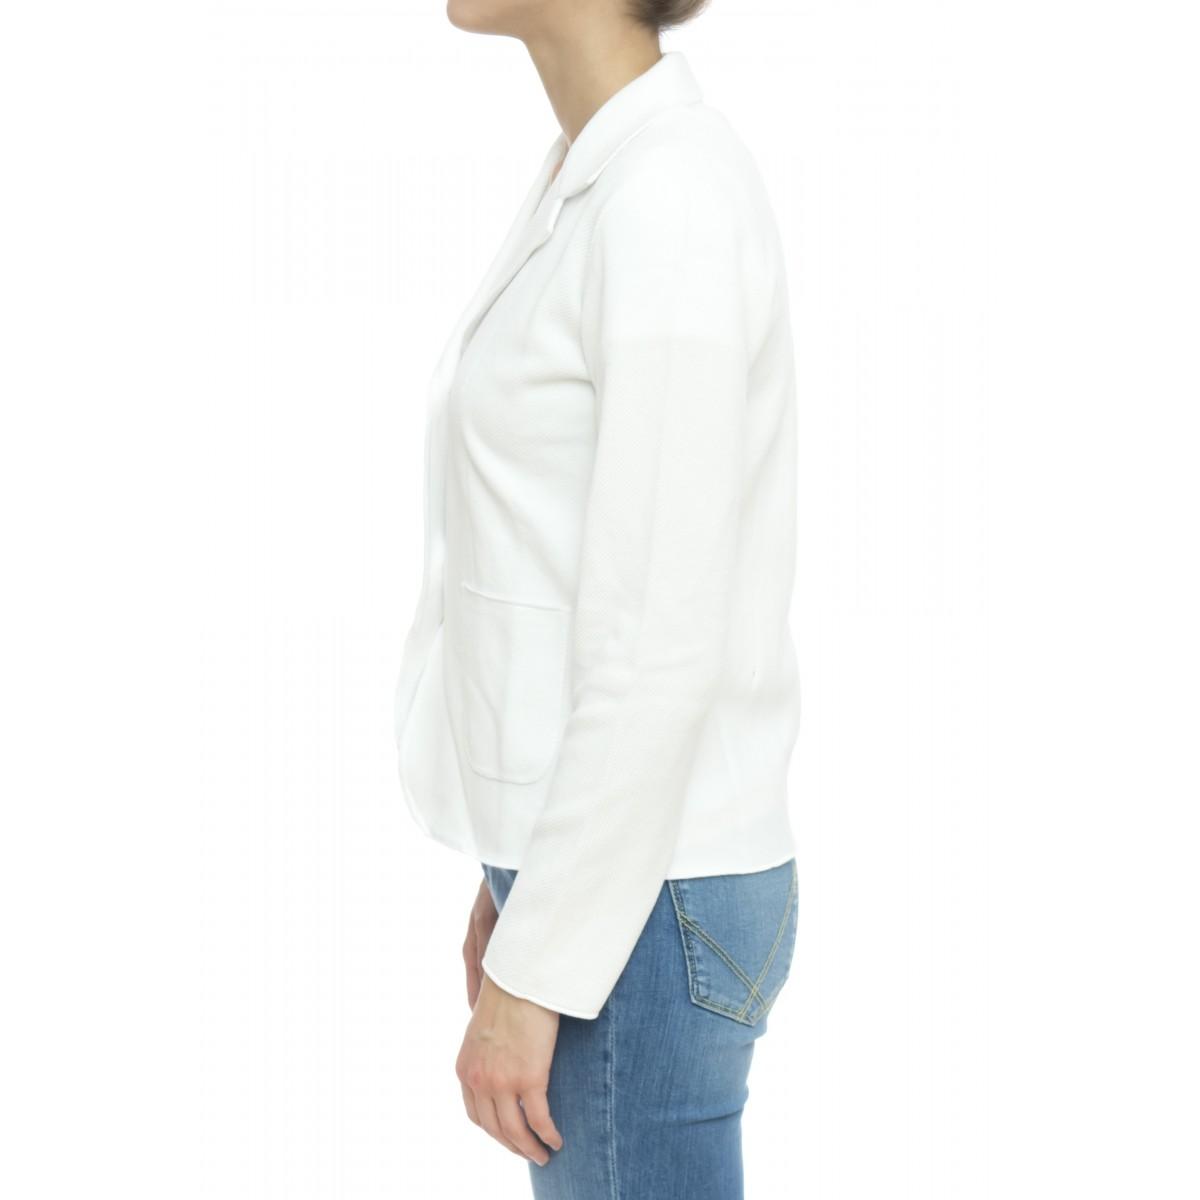 Giacca donna - 510 giacca nido ape